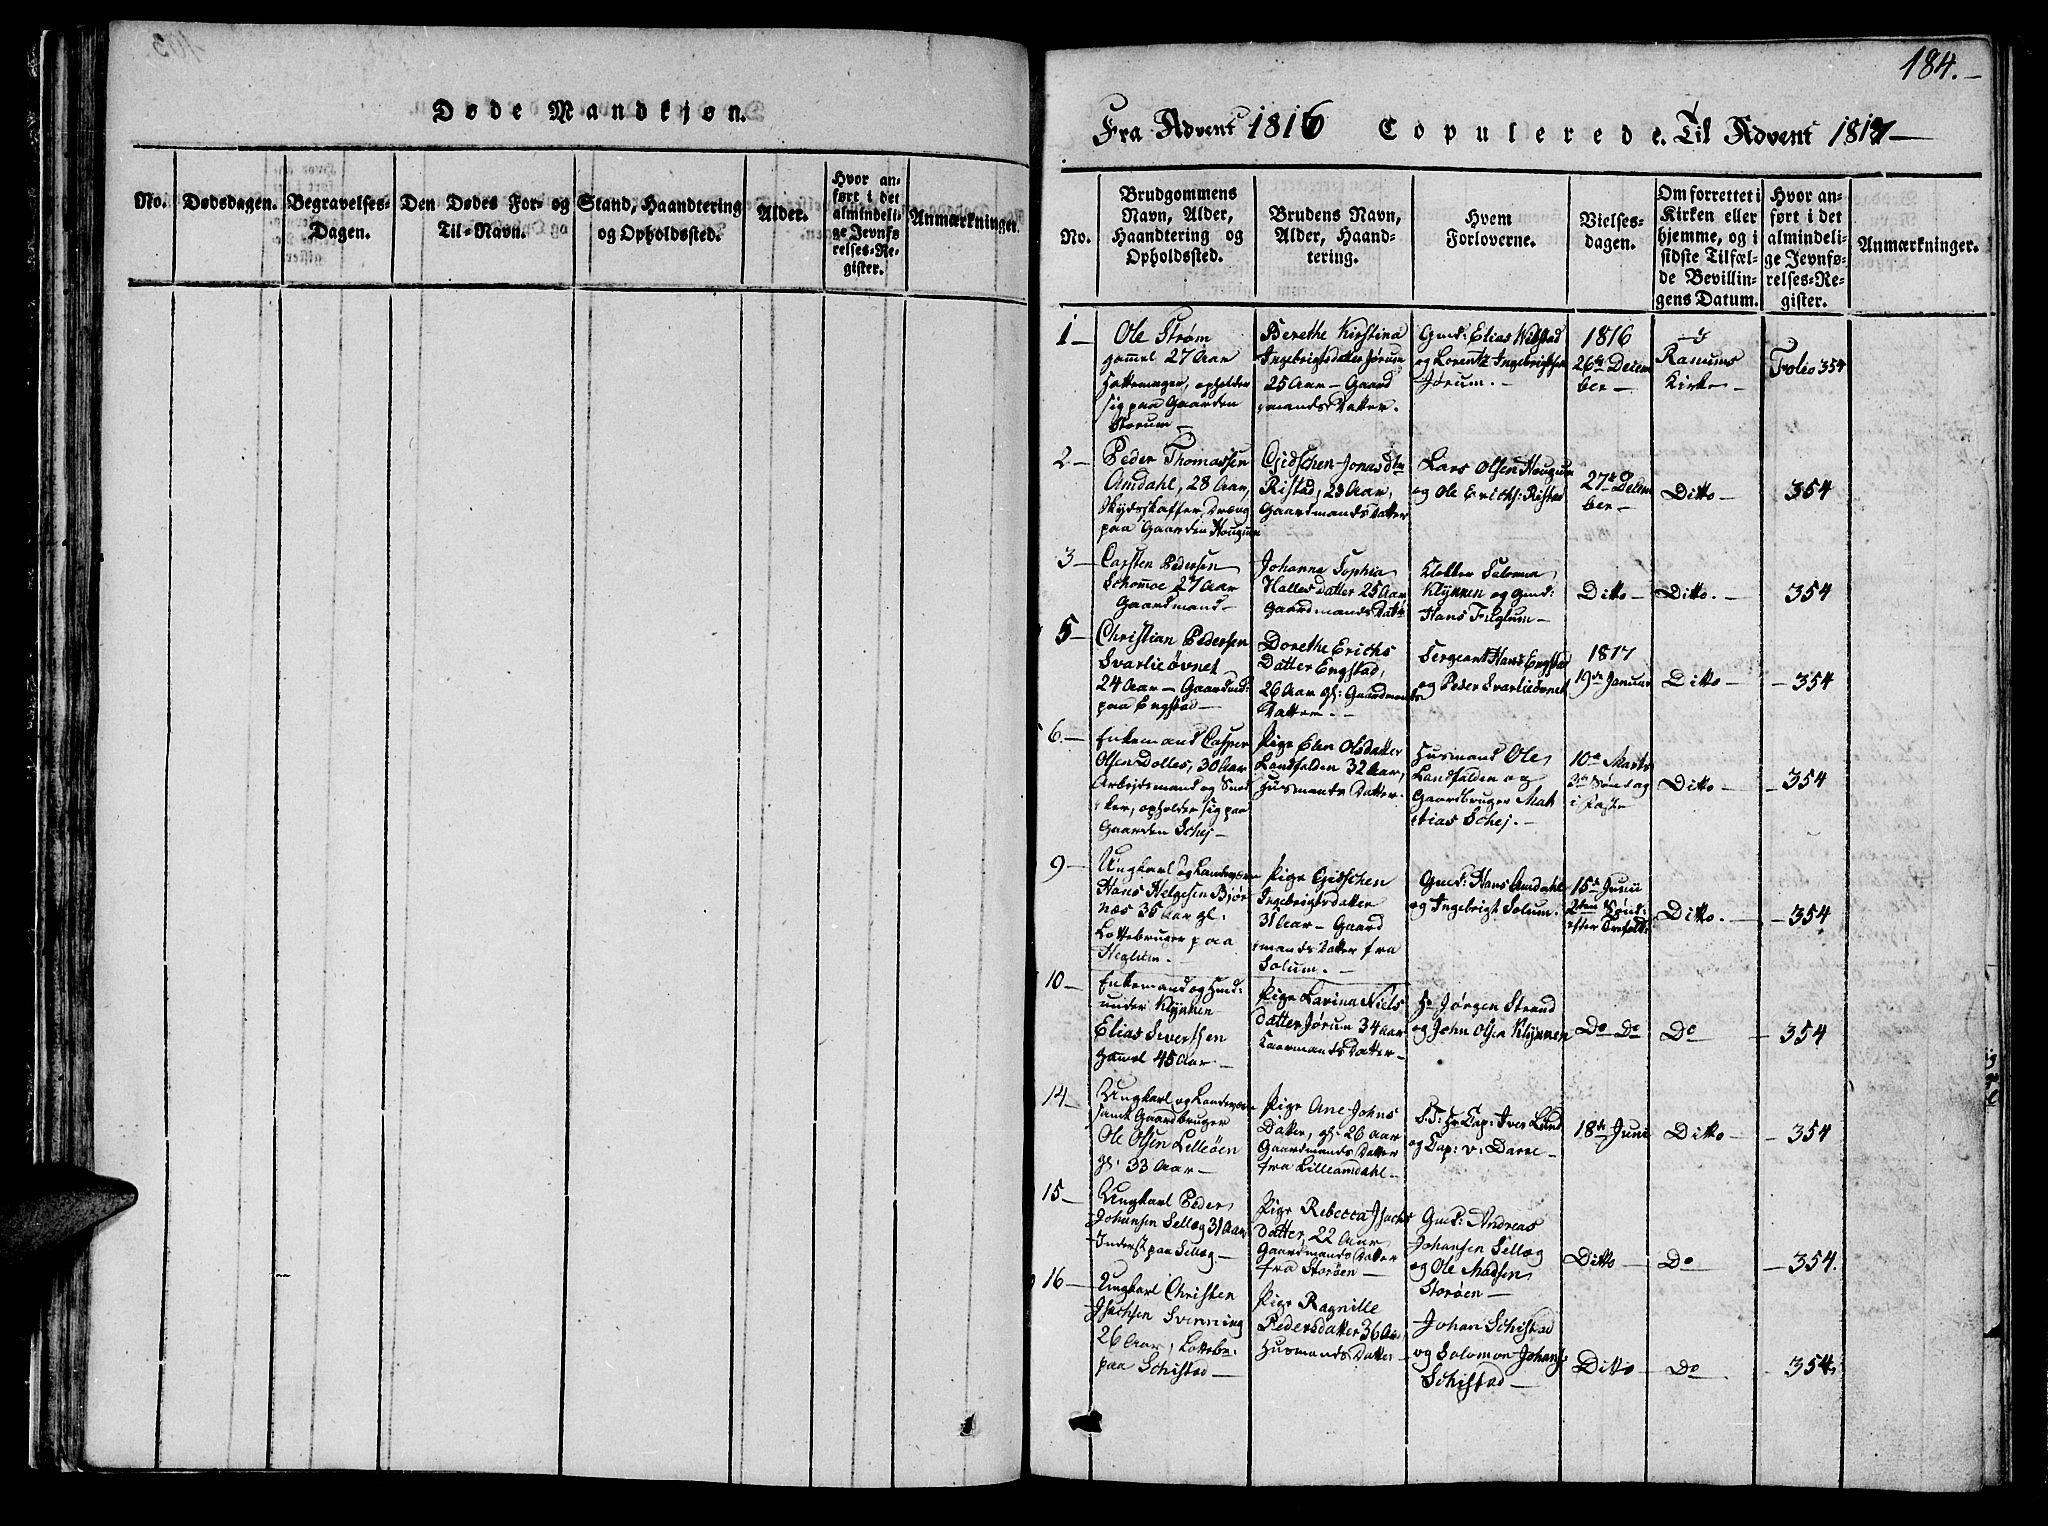 SAT, Ministerialprotokoller, klokkerbøker og fødselsregistre - Nord-Trøndelag, 764/L0559: Klokkerbok nr. 764C01, 1816-1824, s. 184